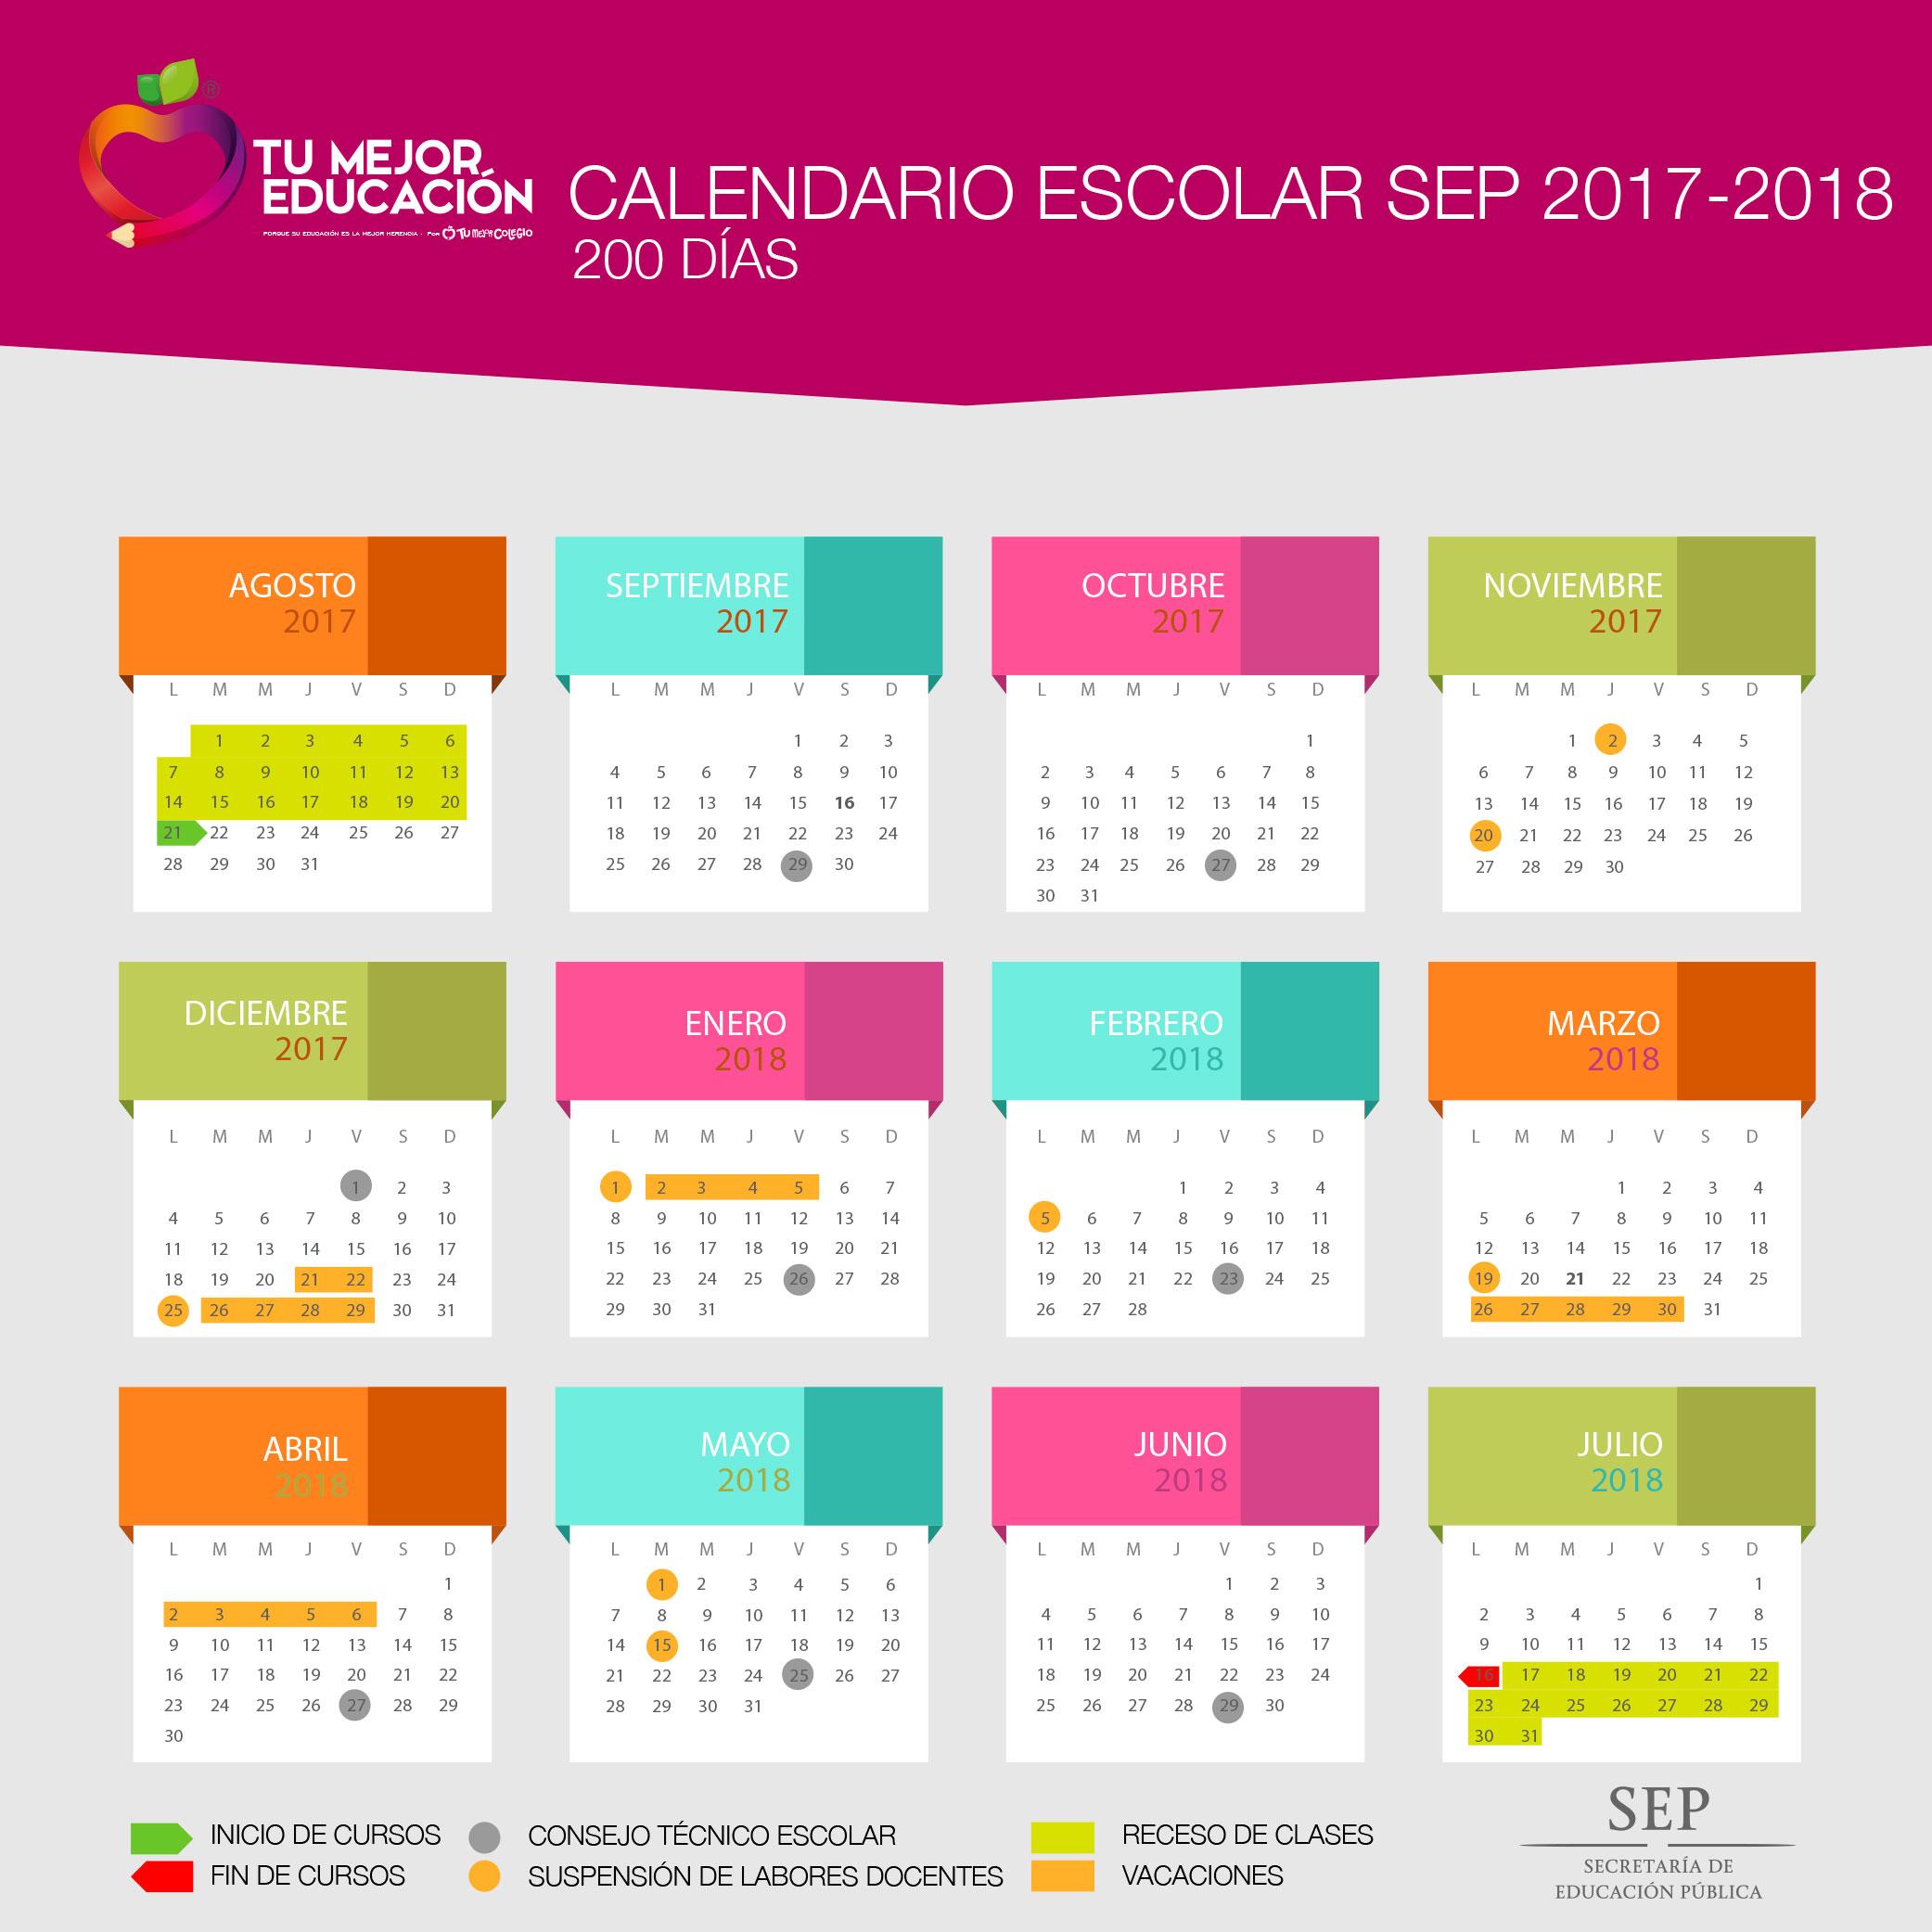 Calendario oficial 2017-2018